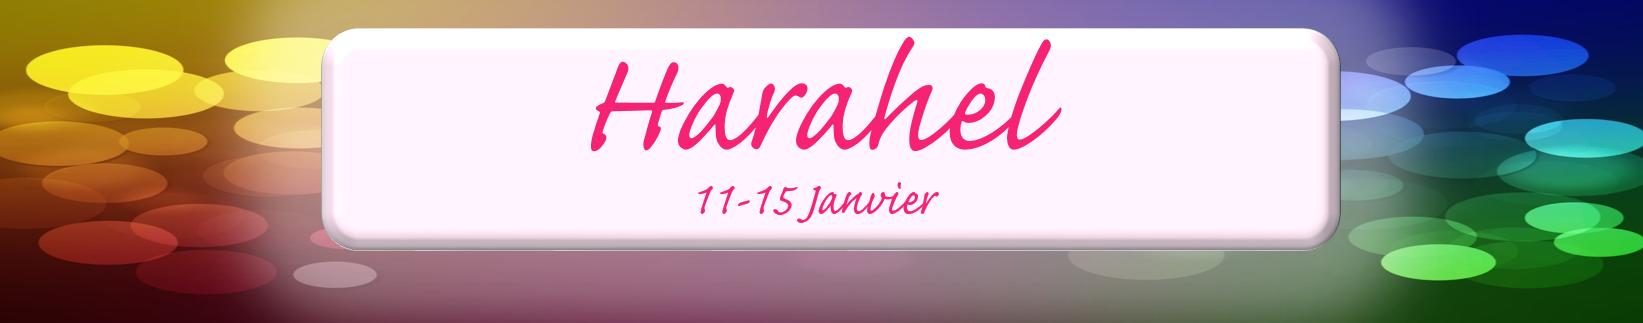 harahel-bandeau